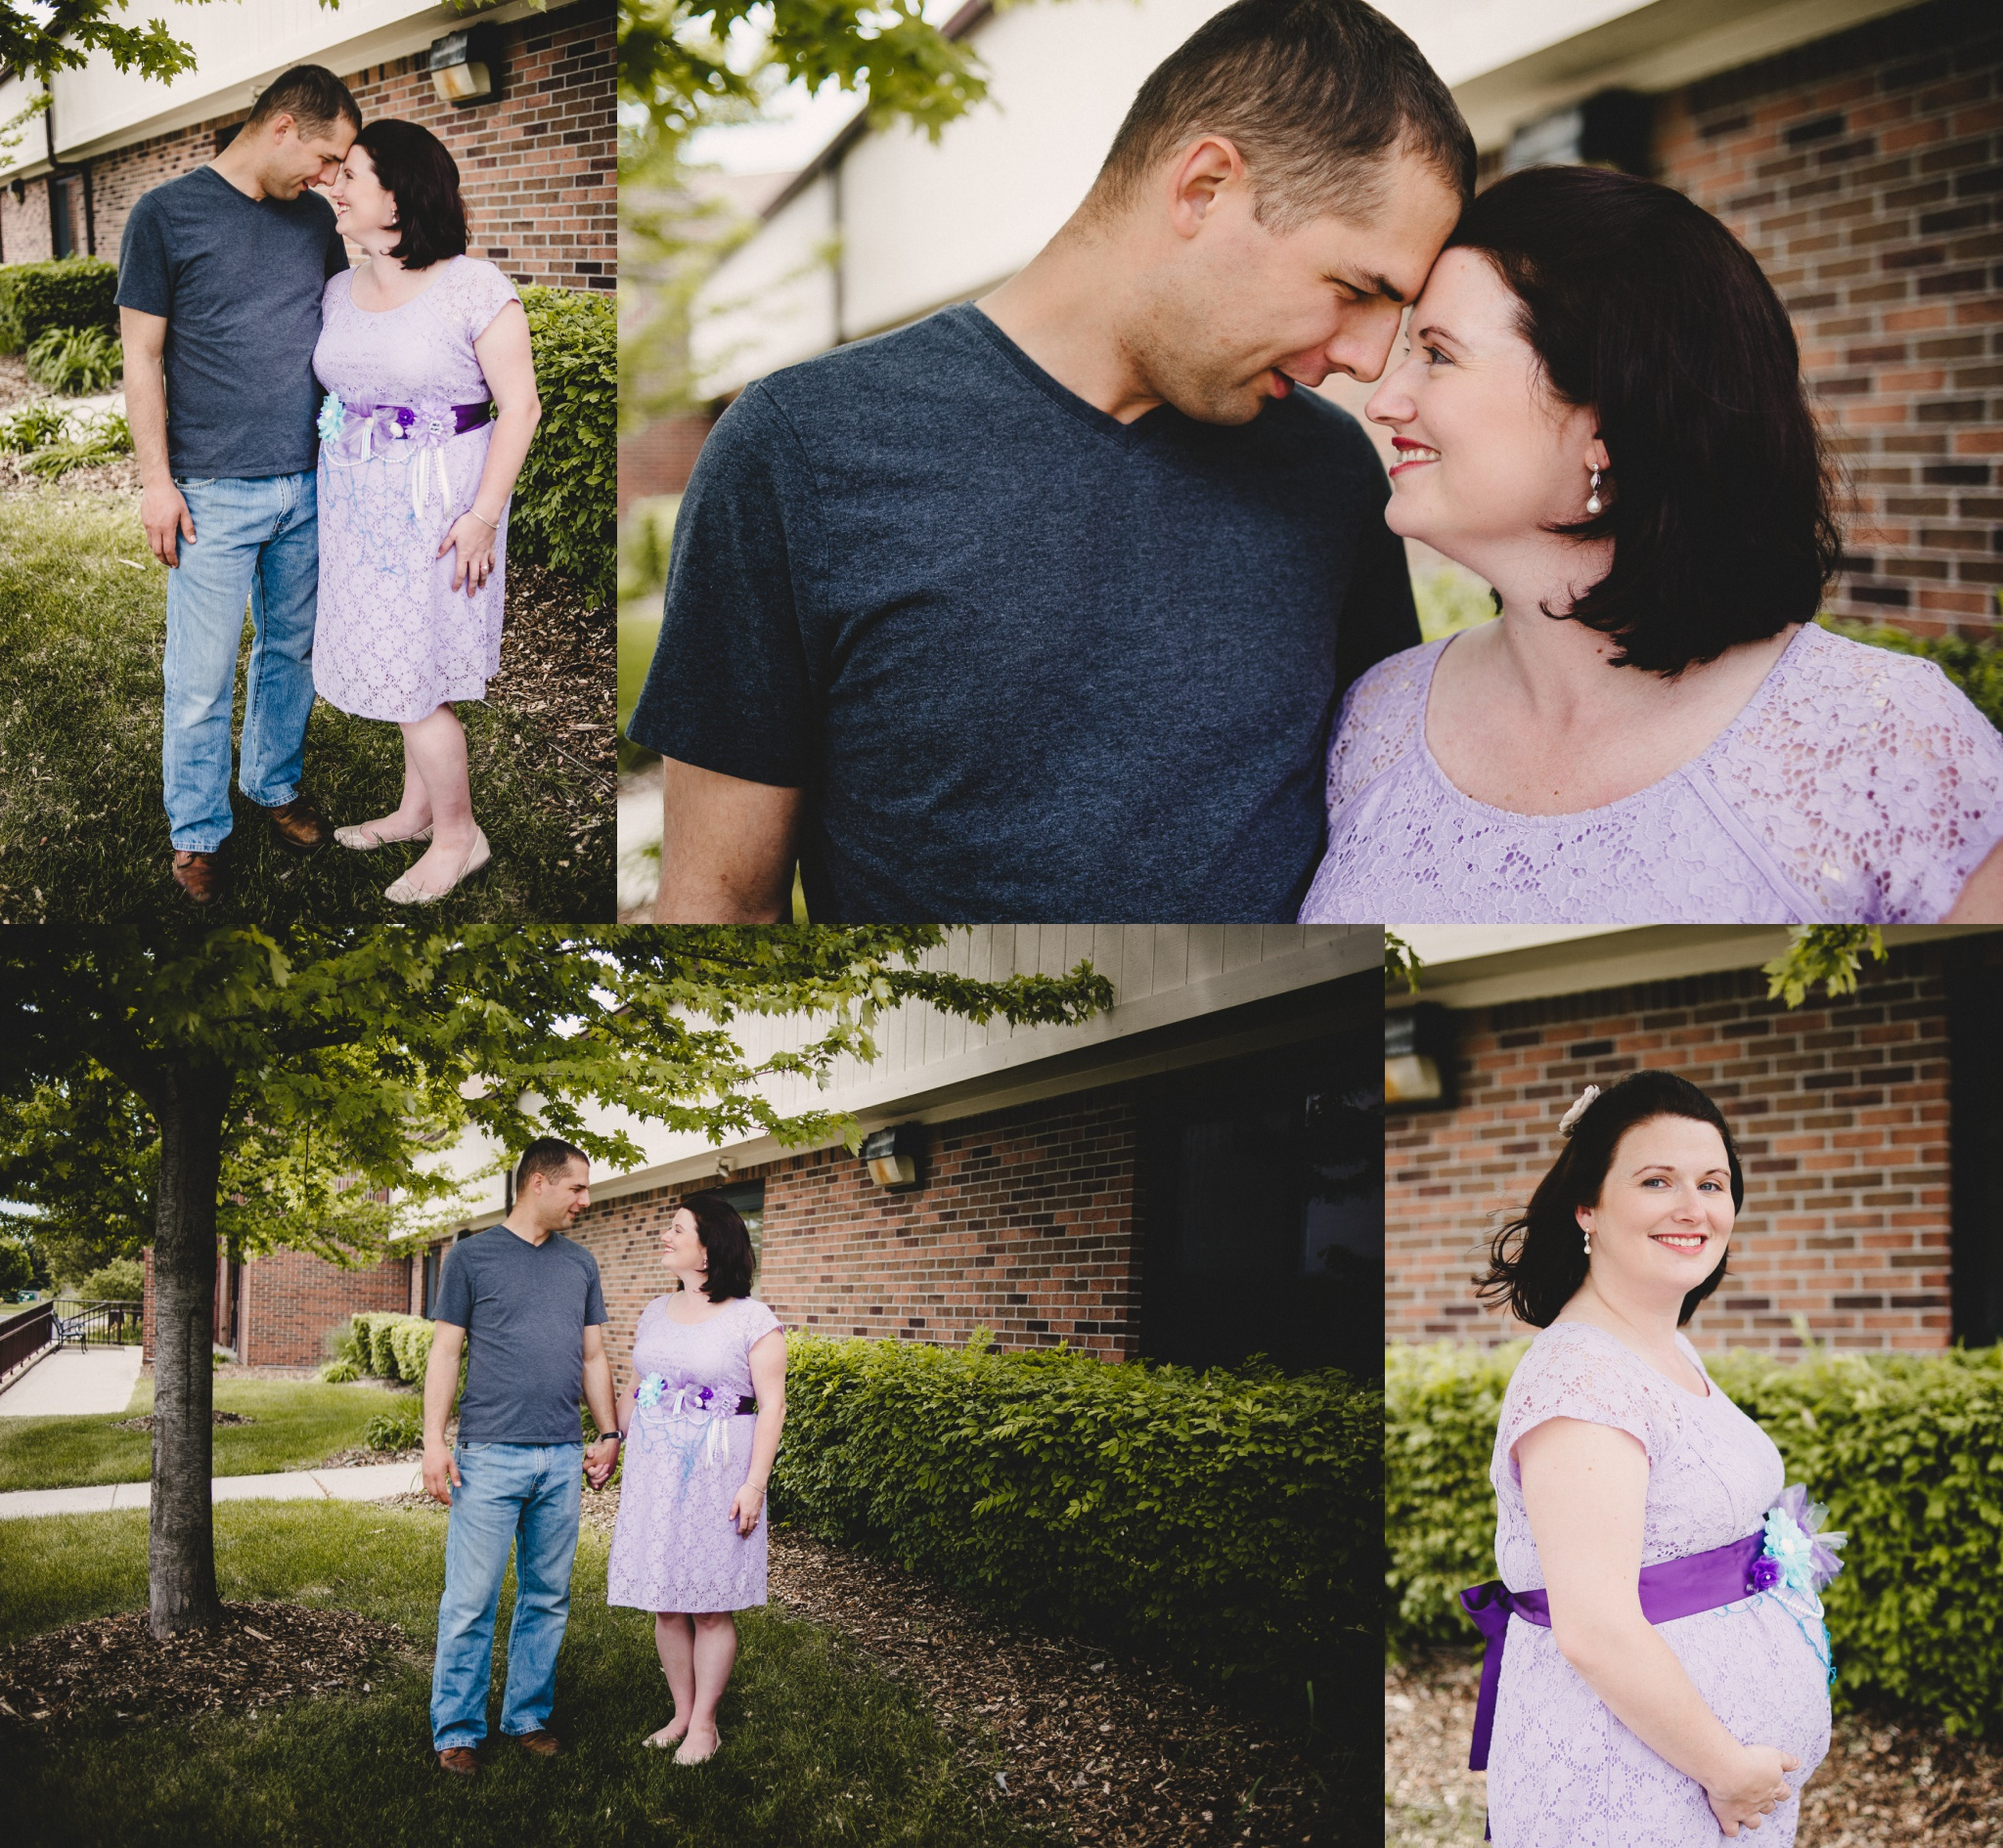 Shelby Twp Michigan Baby Shower Event Photographer Newborn Family  (26).jpg